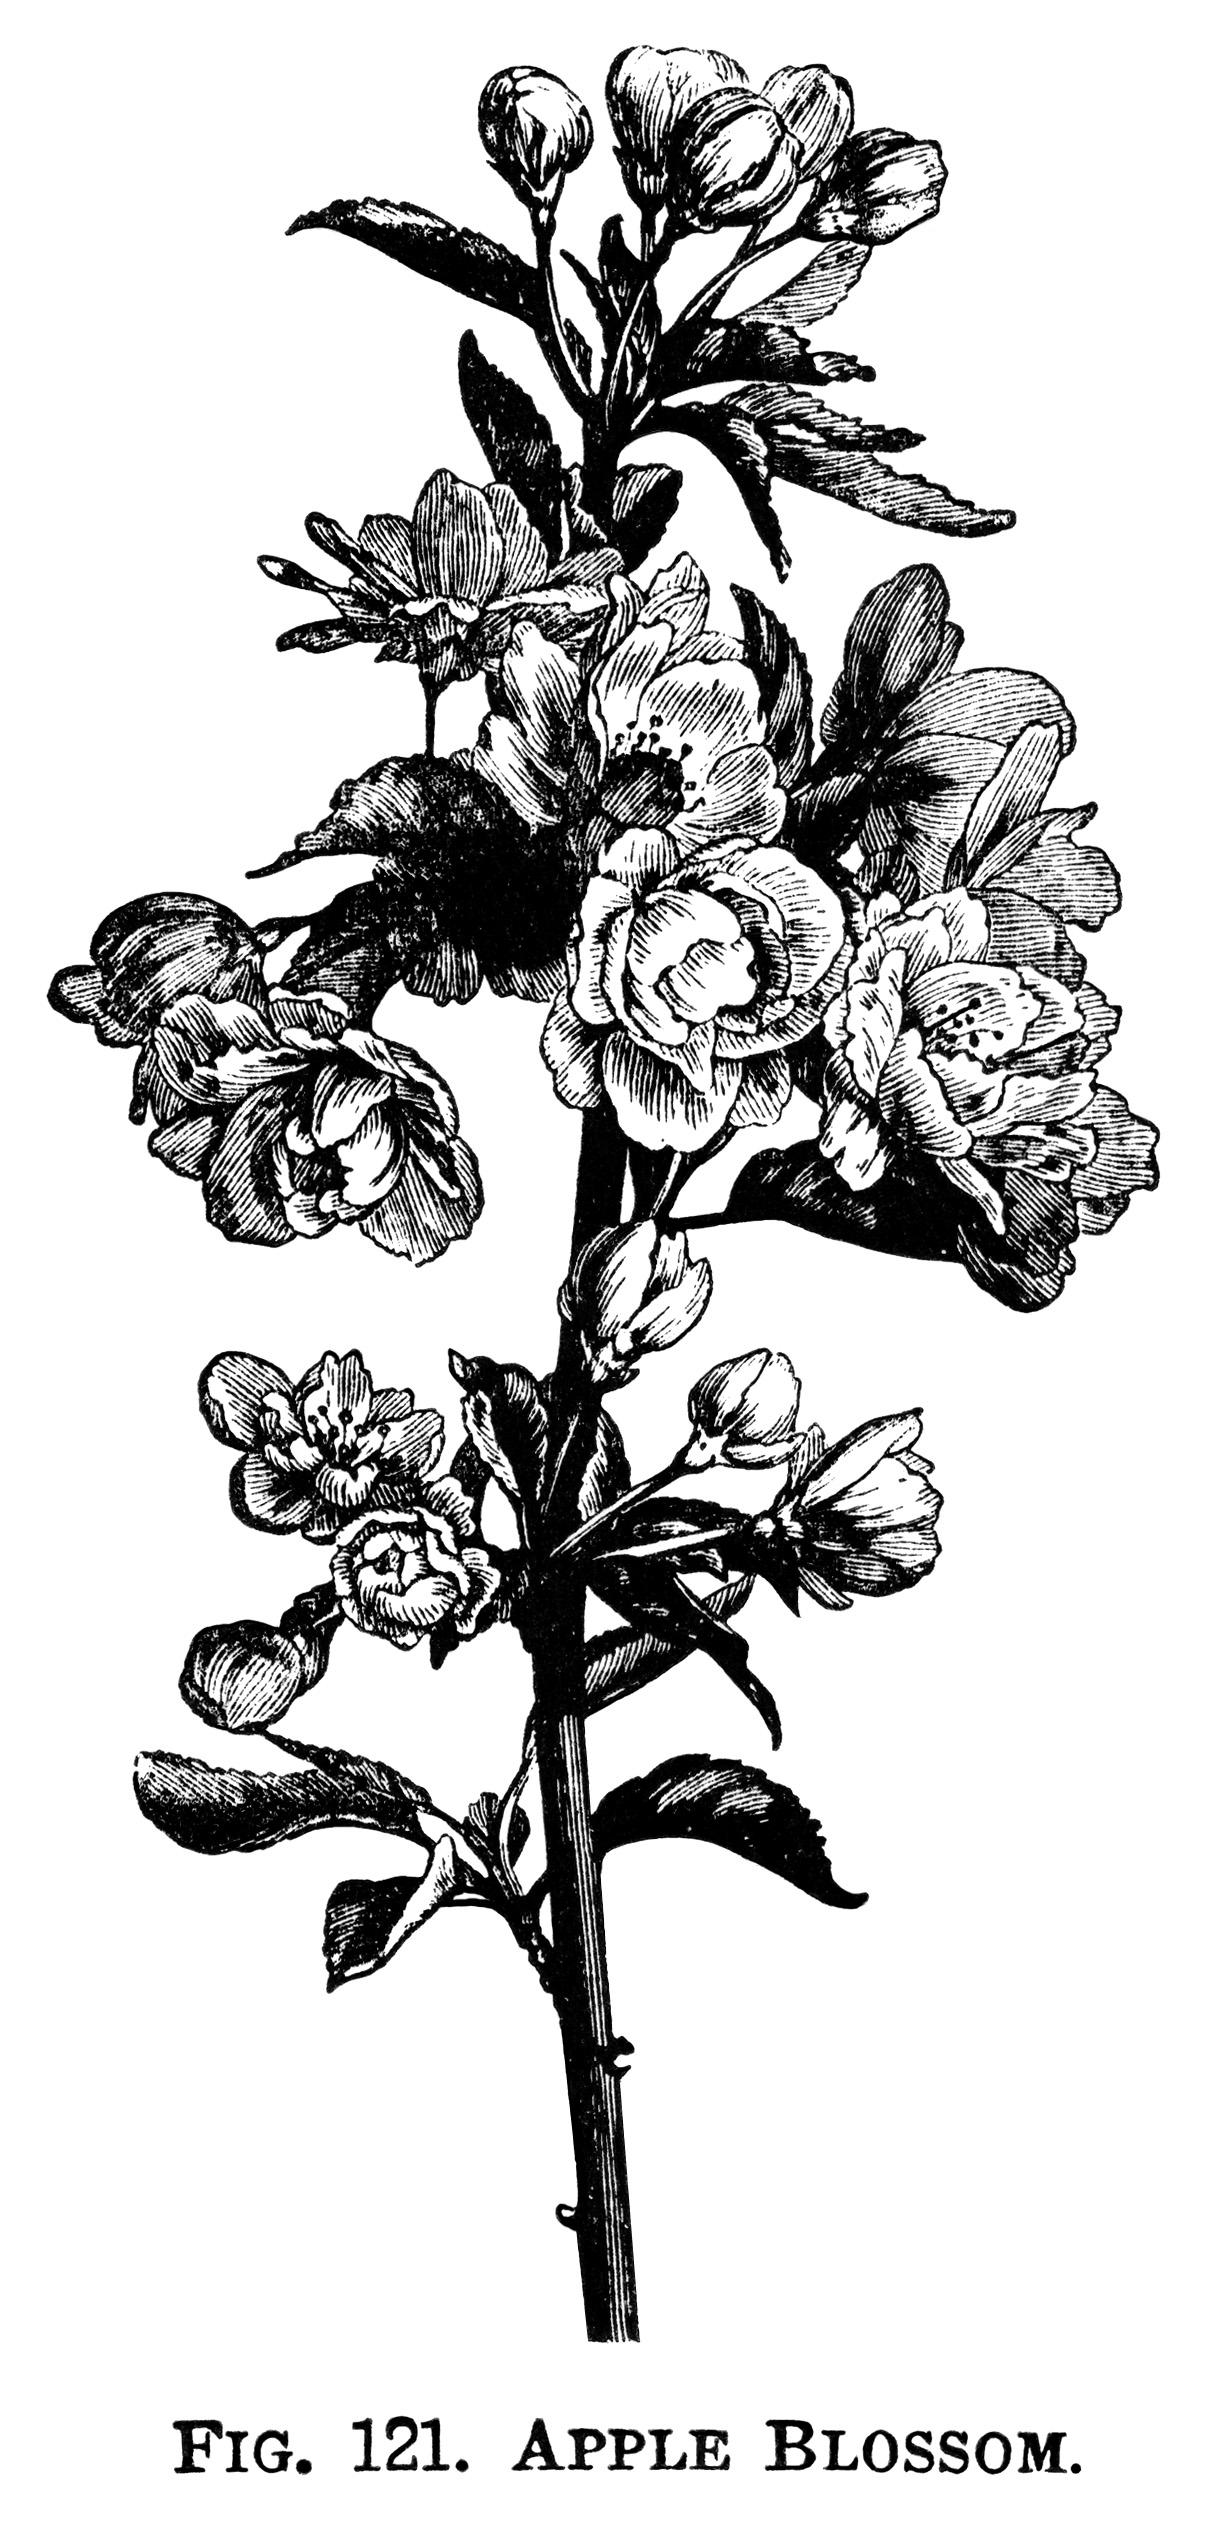 apple blossom clip art, flowering tree branch, apple flower.